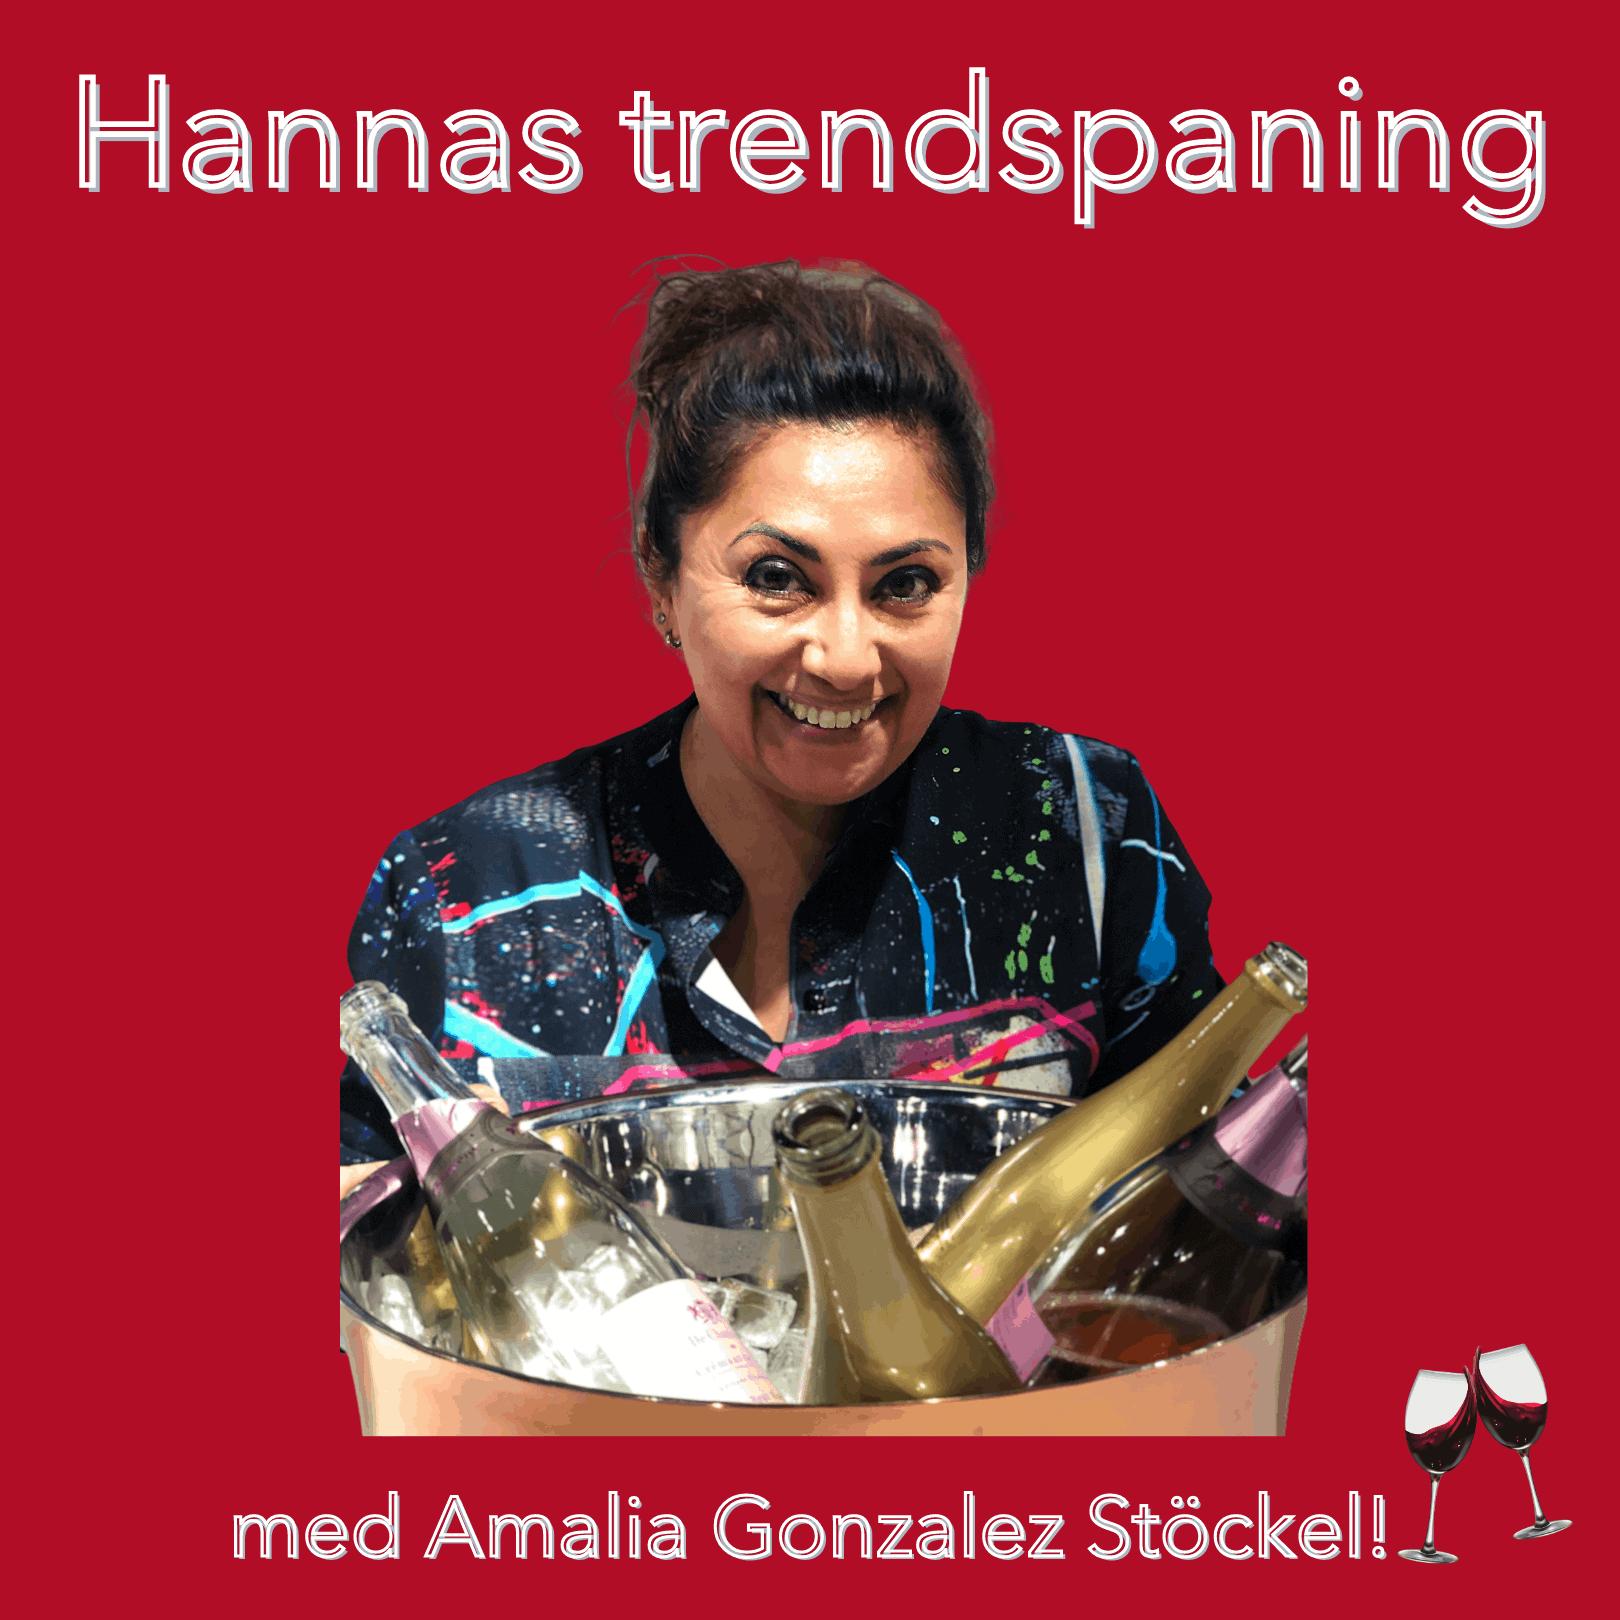 Hannas trendspaning med Amalia Gonzalez Stöckel –  om ovanliga druvor och spännande ursprung